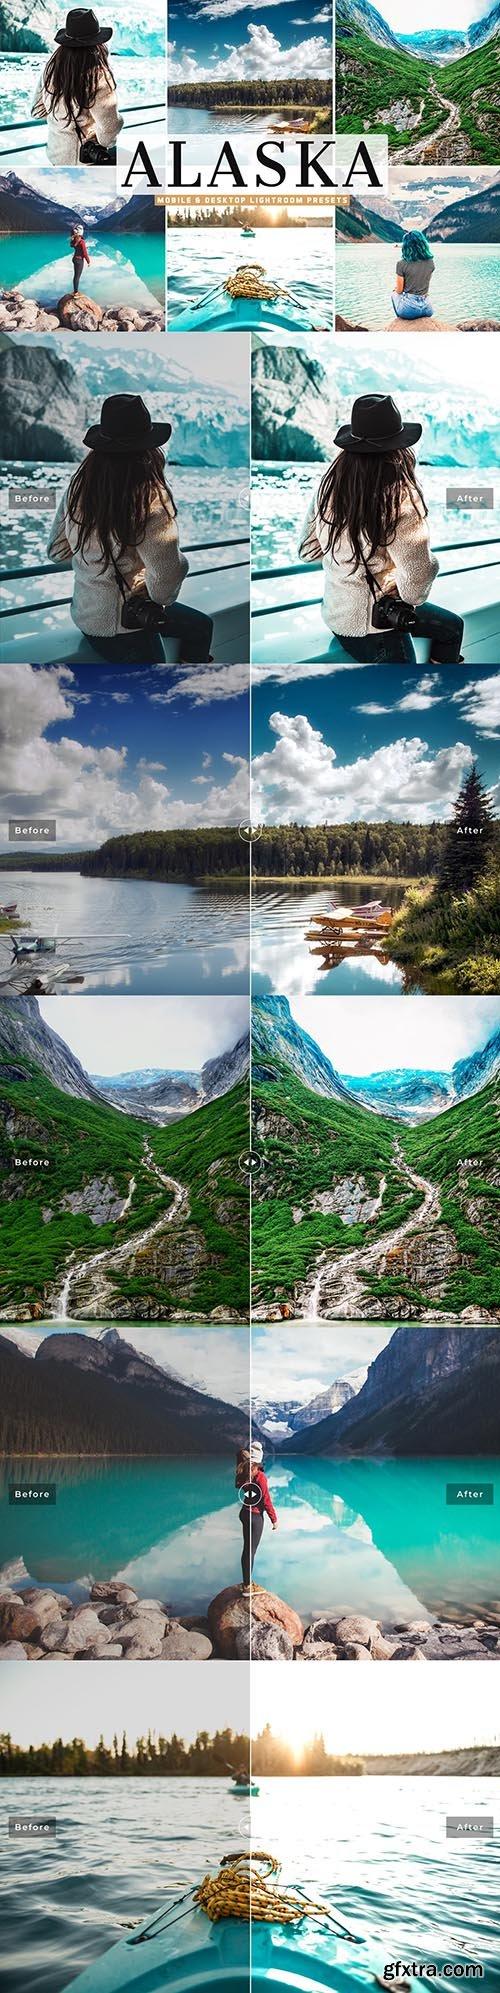 CreativeMarket - Alaska Pro Lightroom Presets 5333858